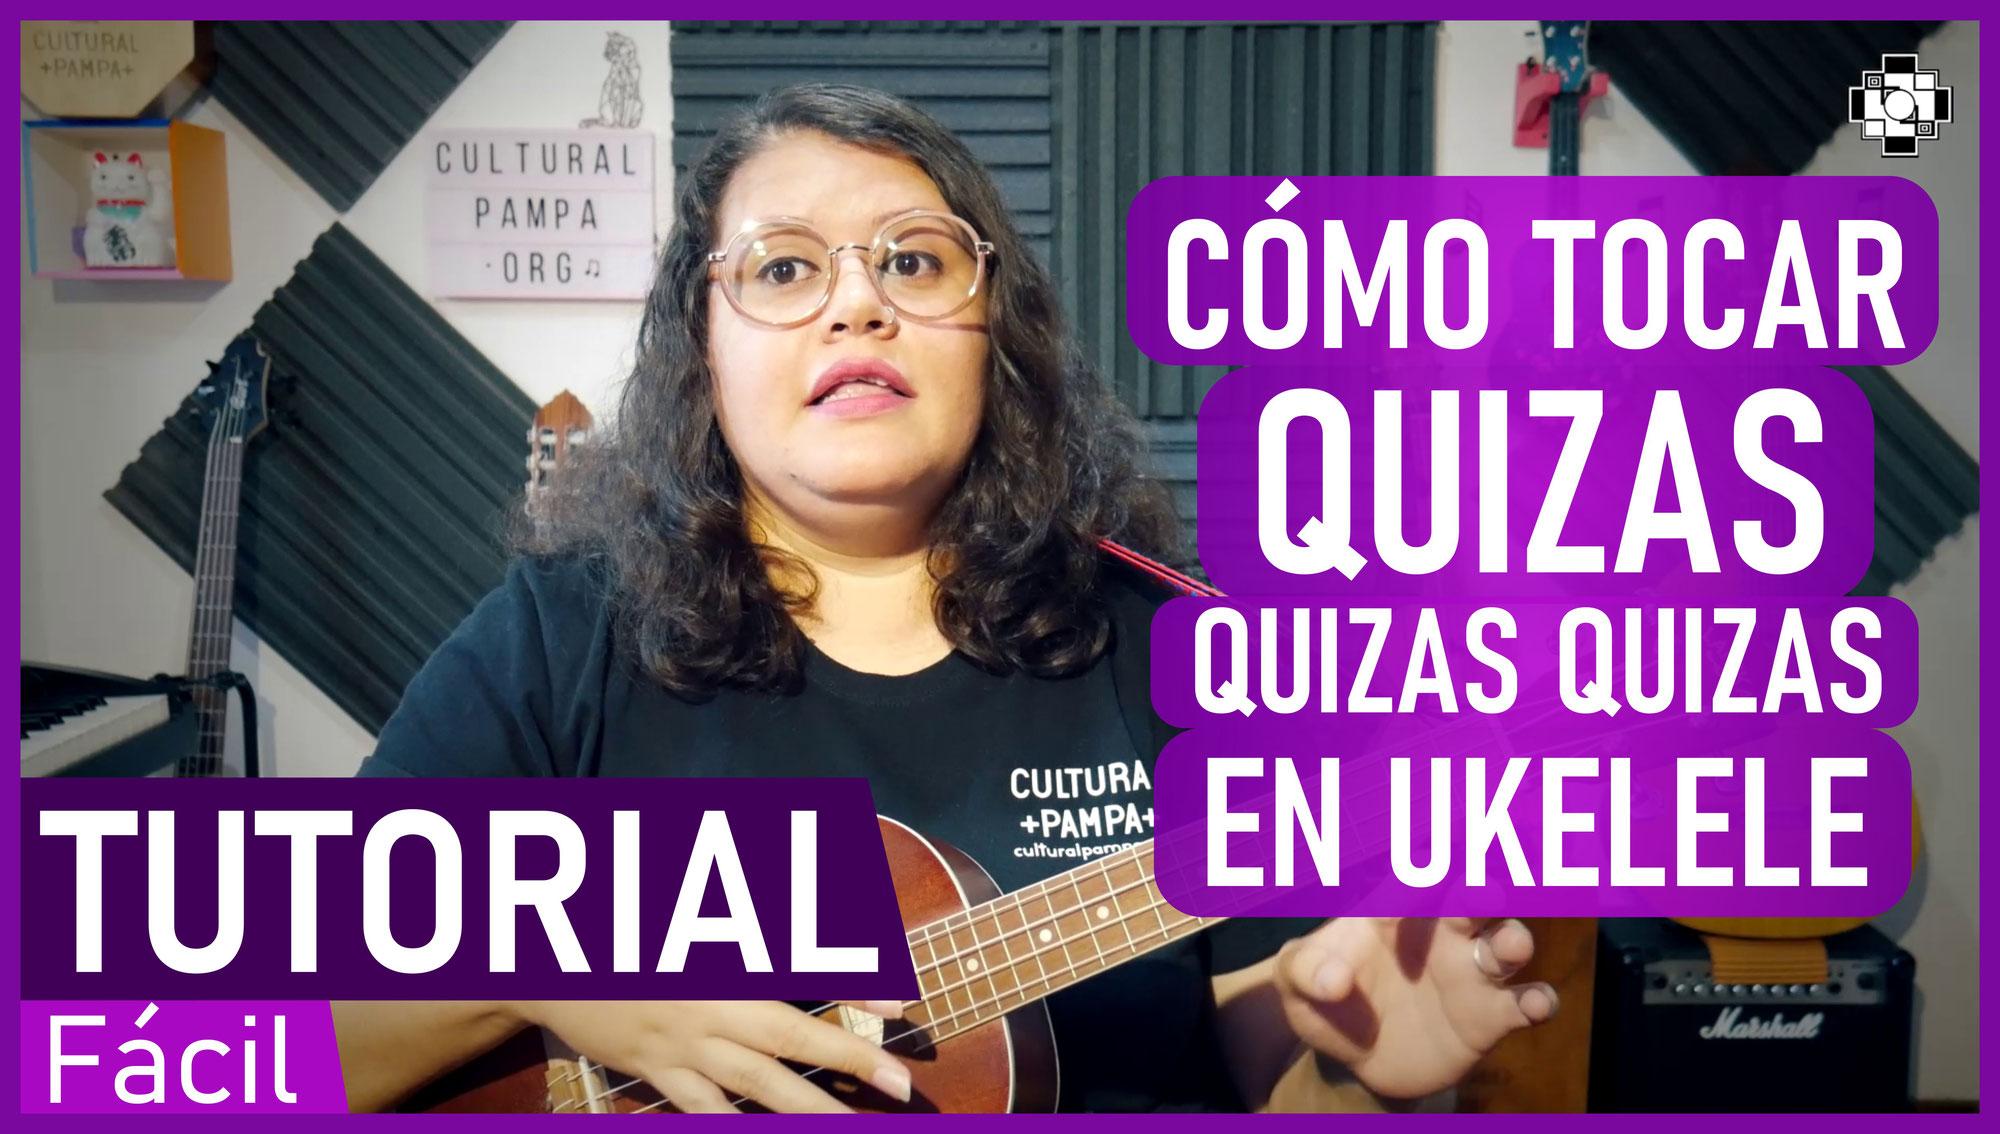 """Cómo tocar """"Quizás, quizás, quizás"""" en Ukelele   TUTORIAL Facil y Paso a Paso"""